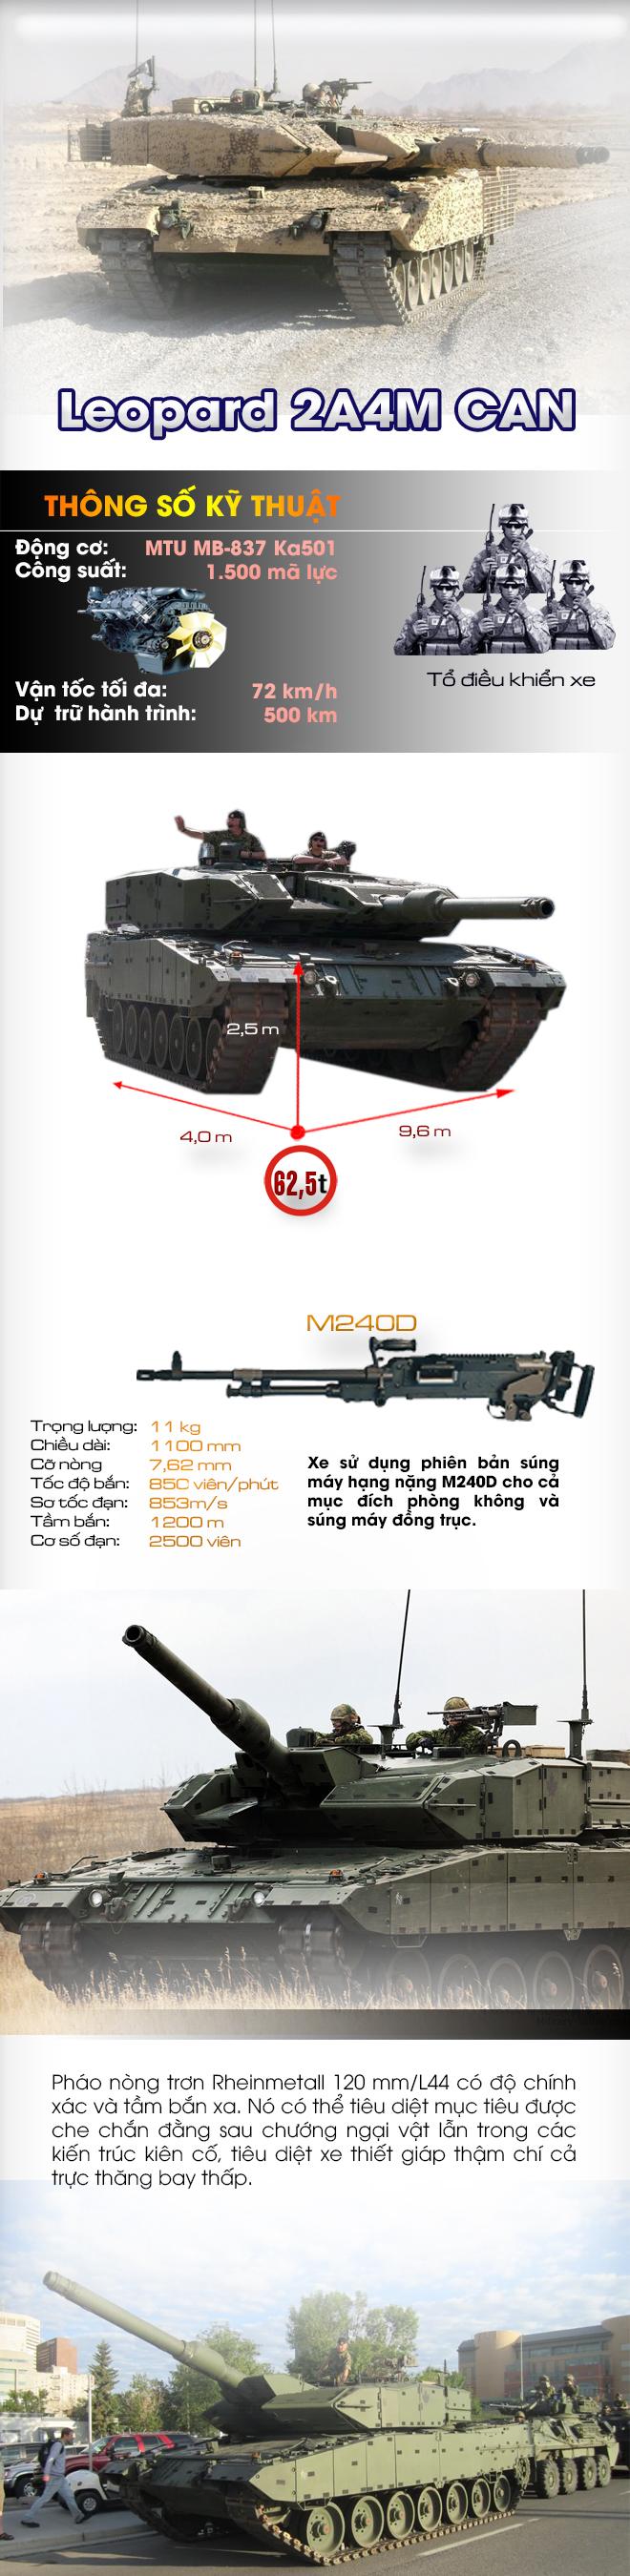 Khám phá sức mạnh phiên bản xe tăng Leopard đặc biệt của Canada - Ảnh 1.